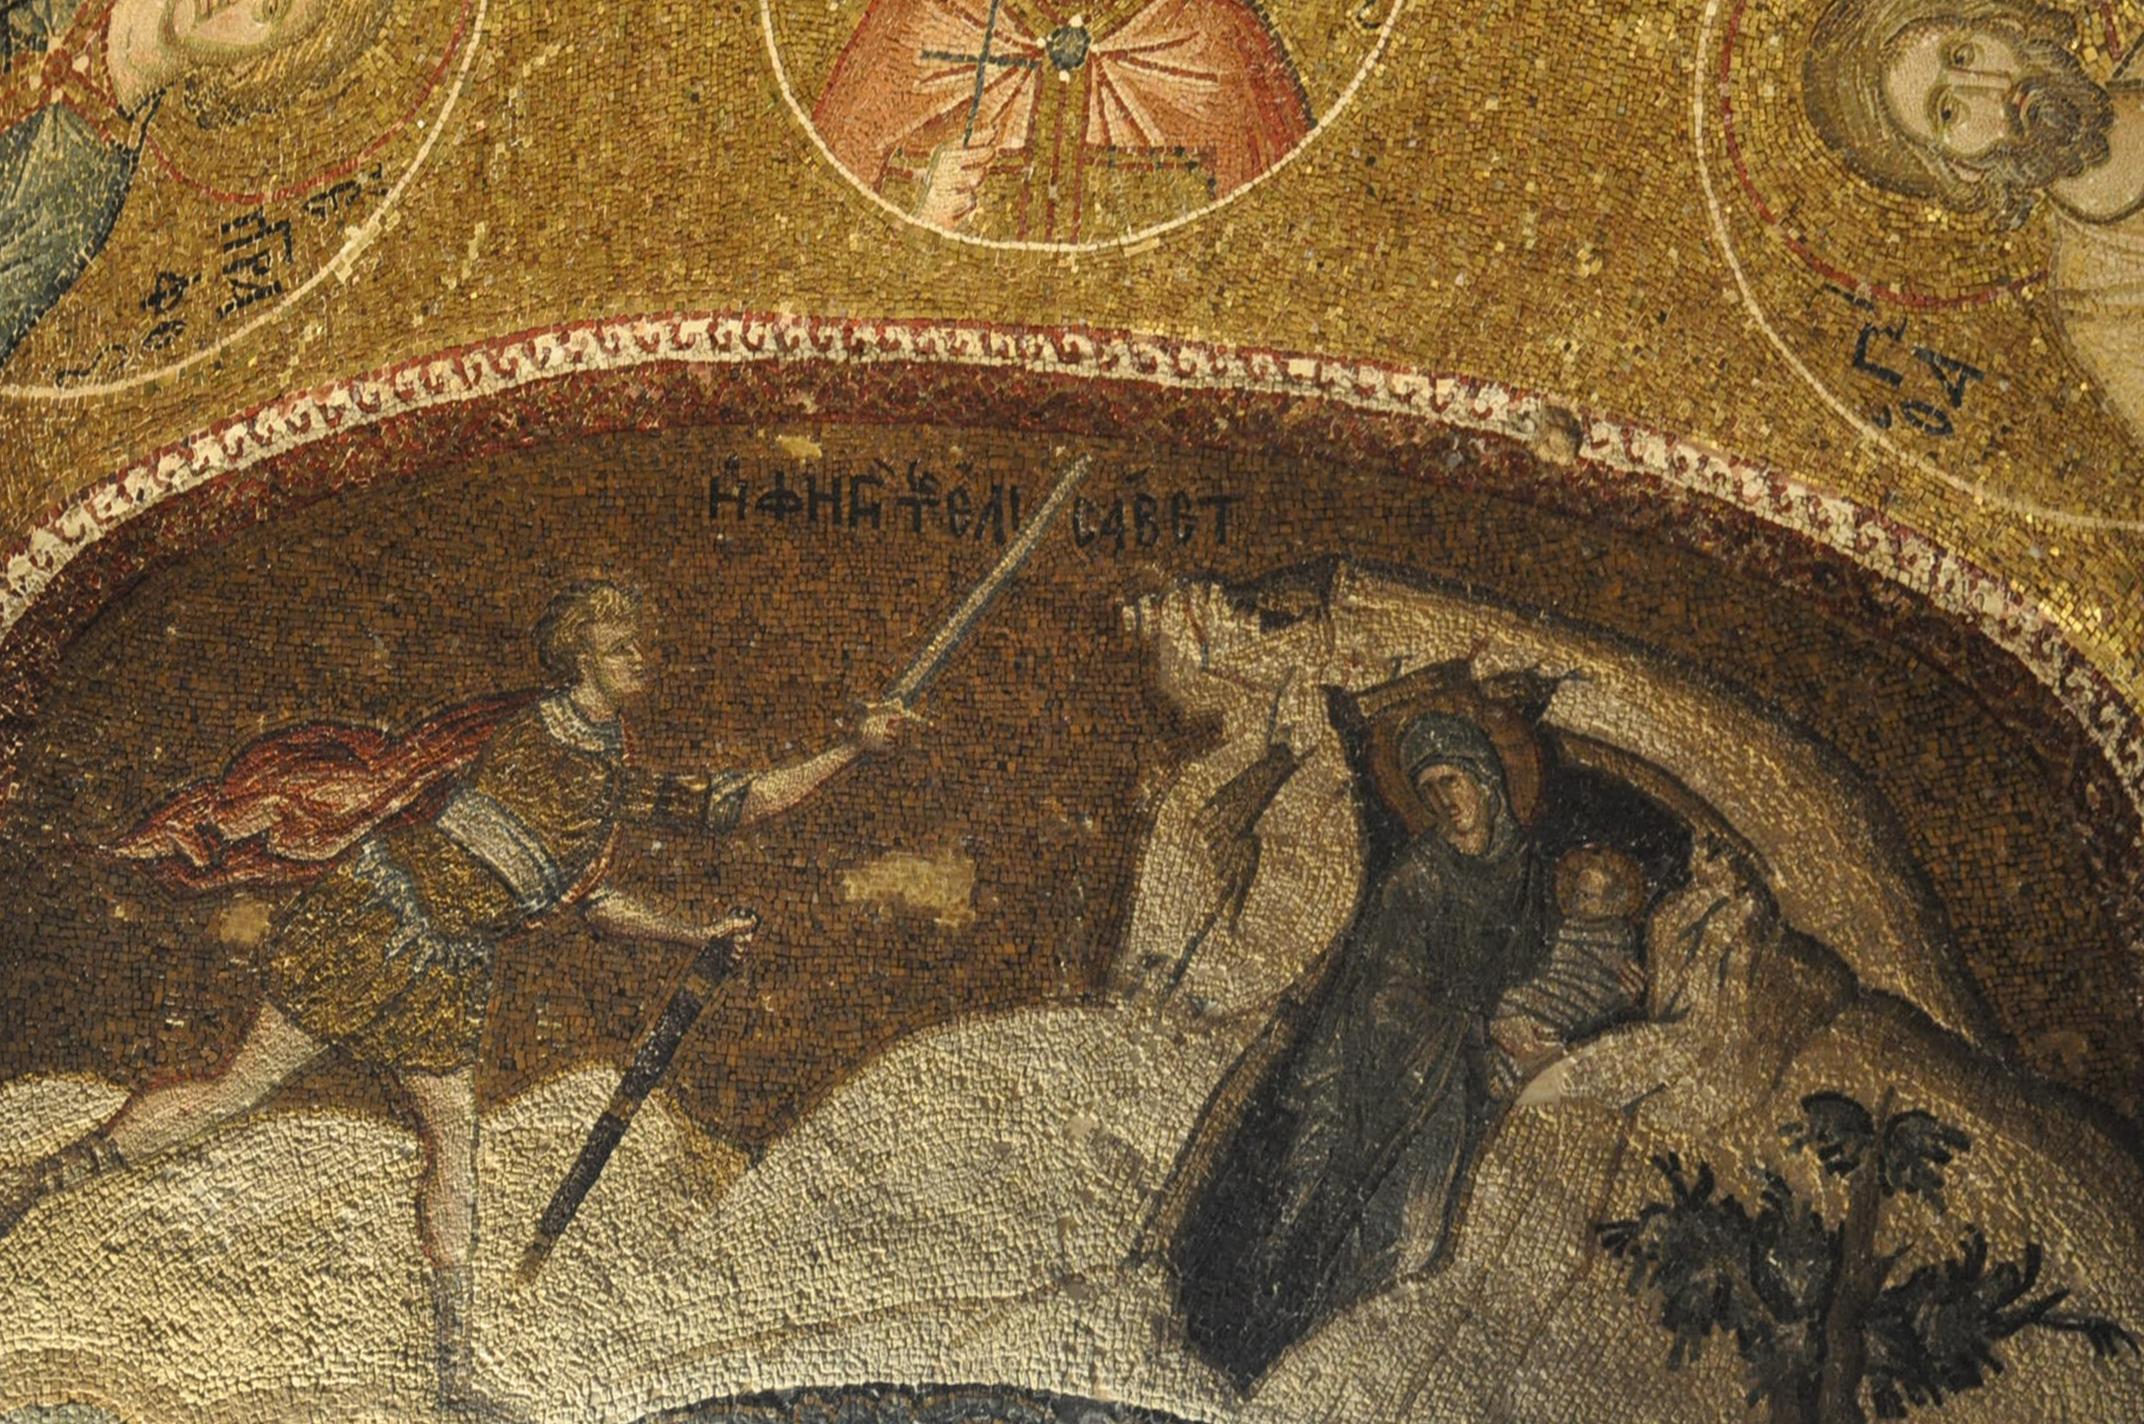 Сокрытие в горе Елизаветы и Иоанна Крестителя